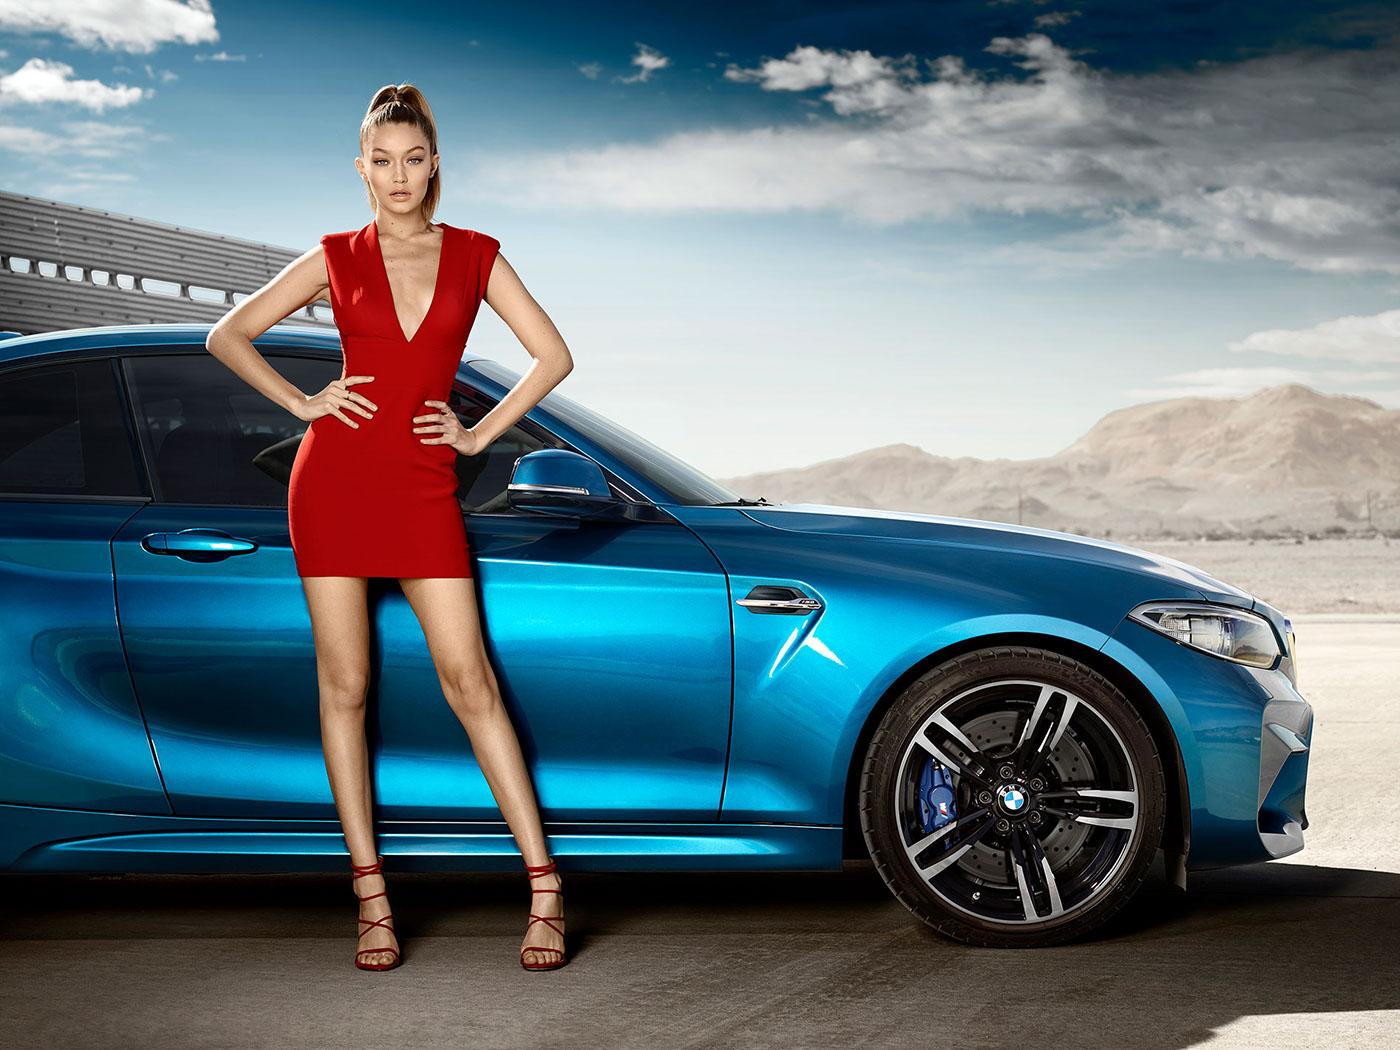 Автомобили BMW - их положительные стороны